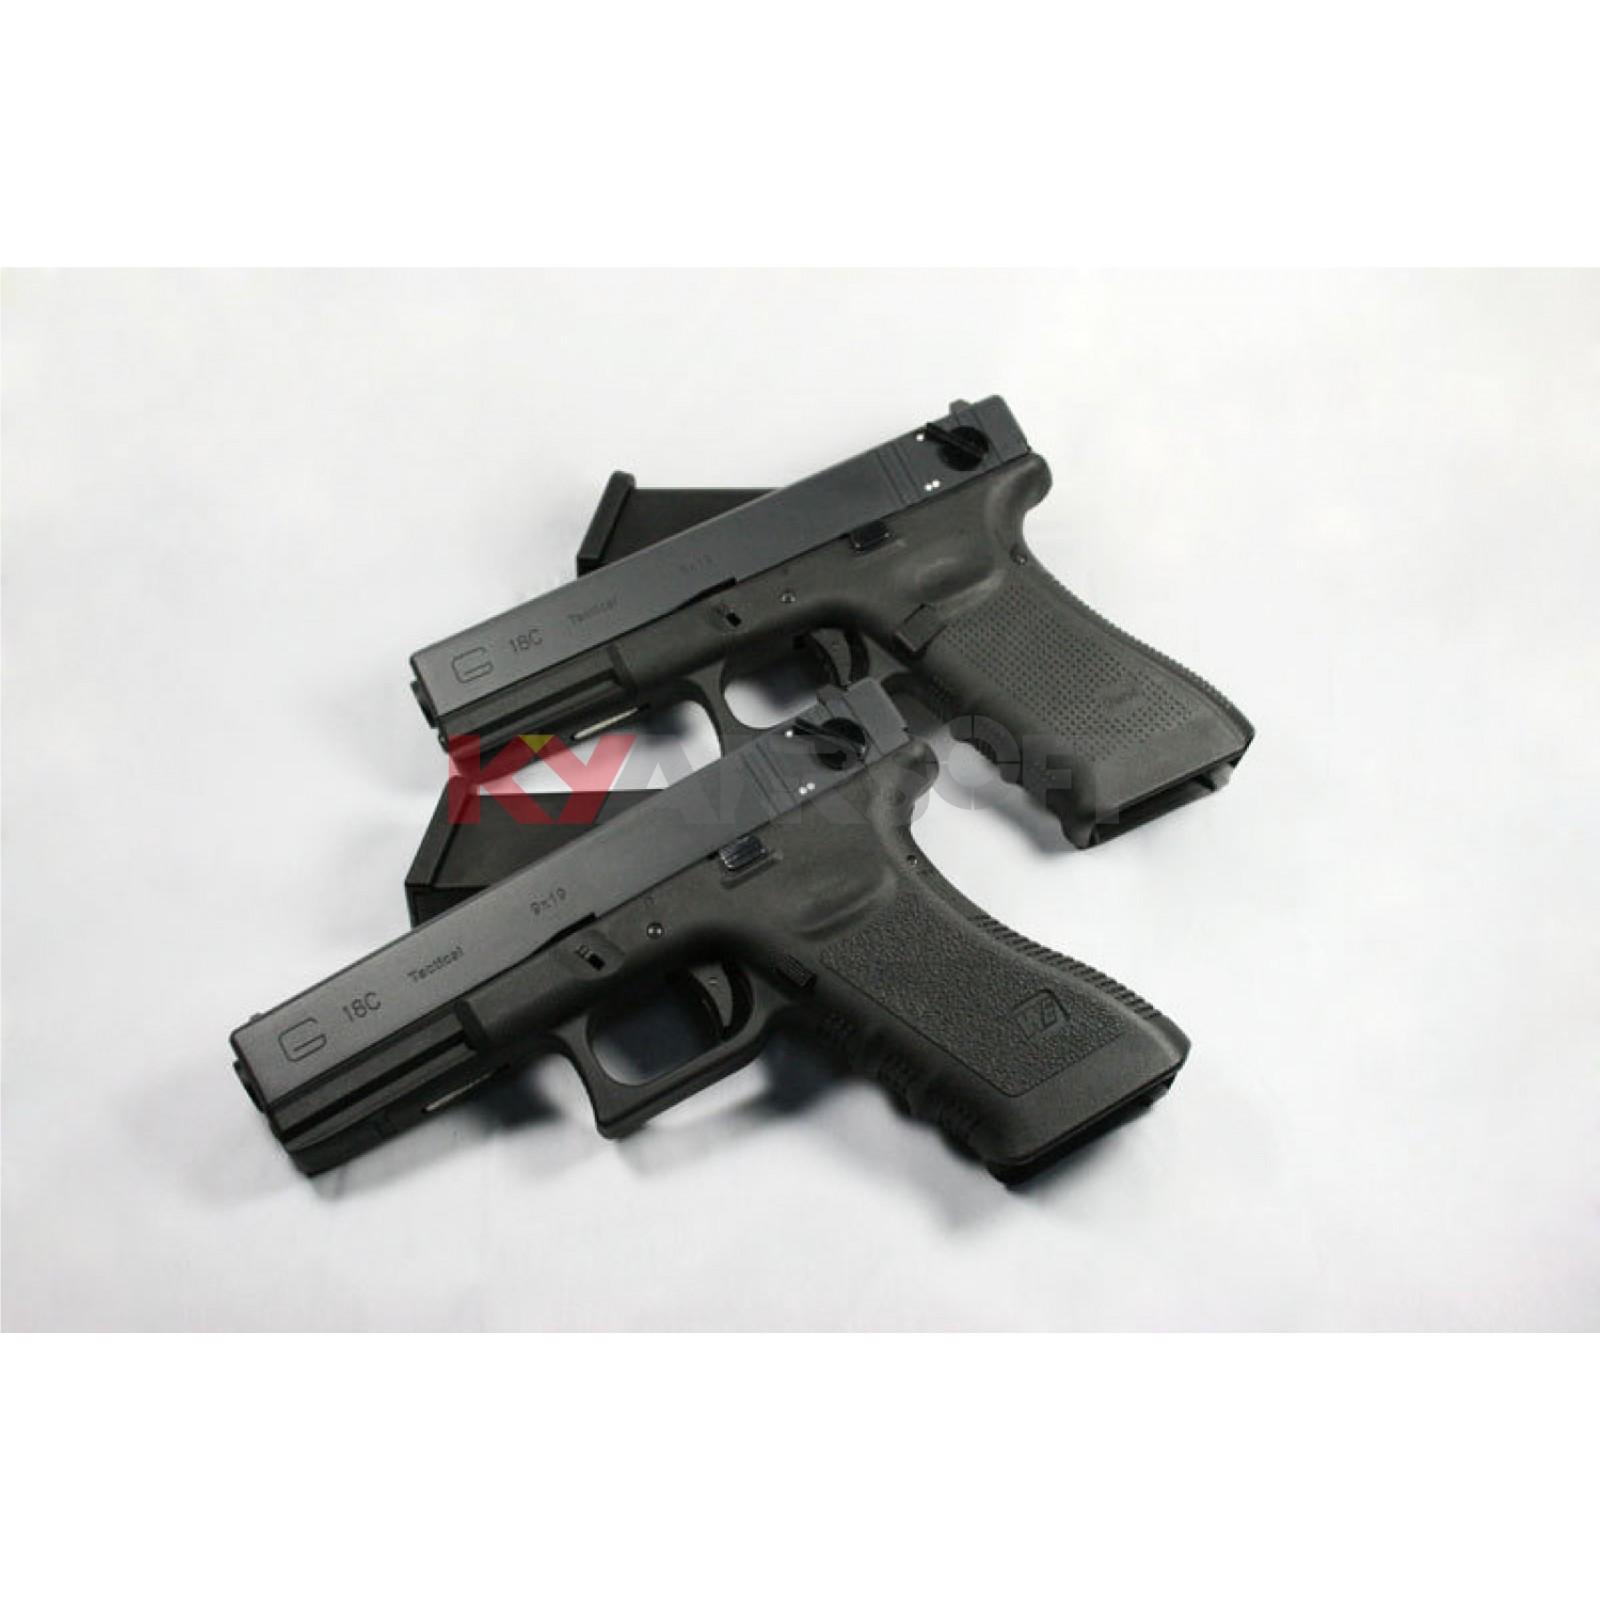 WE G18C GEN3 Black - G18C - WE G Series (Glock) - WE Pistols